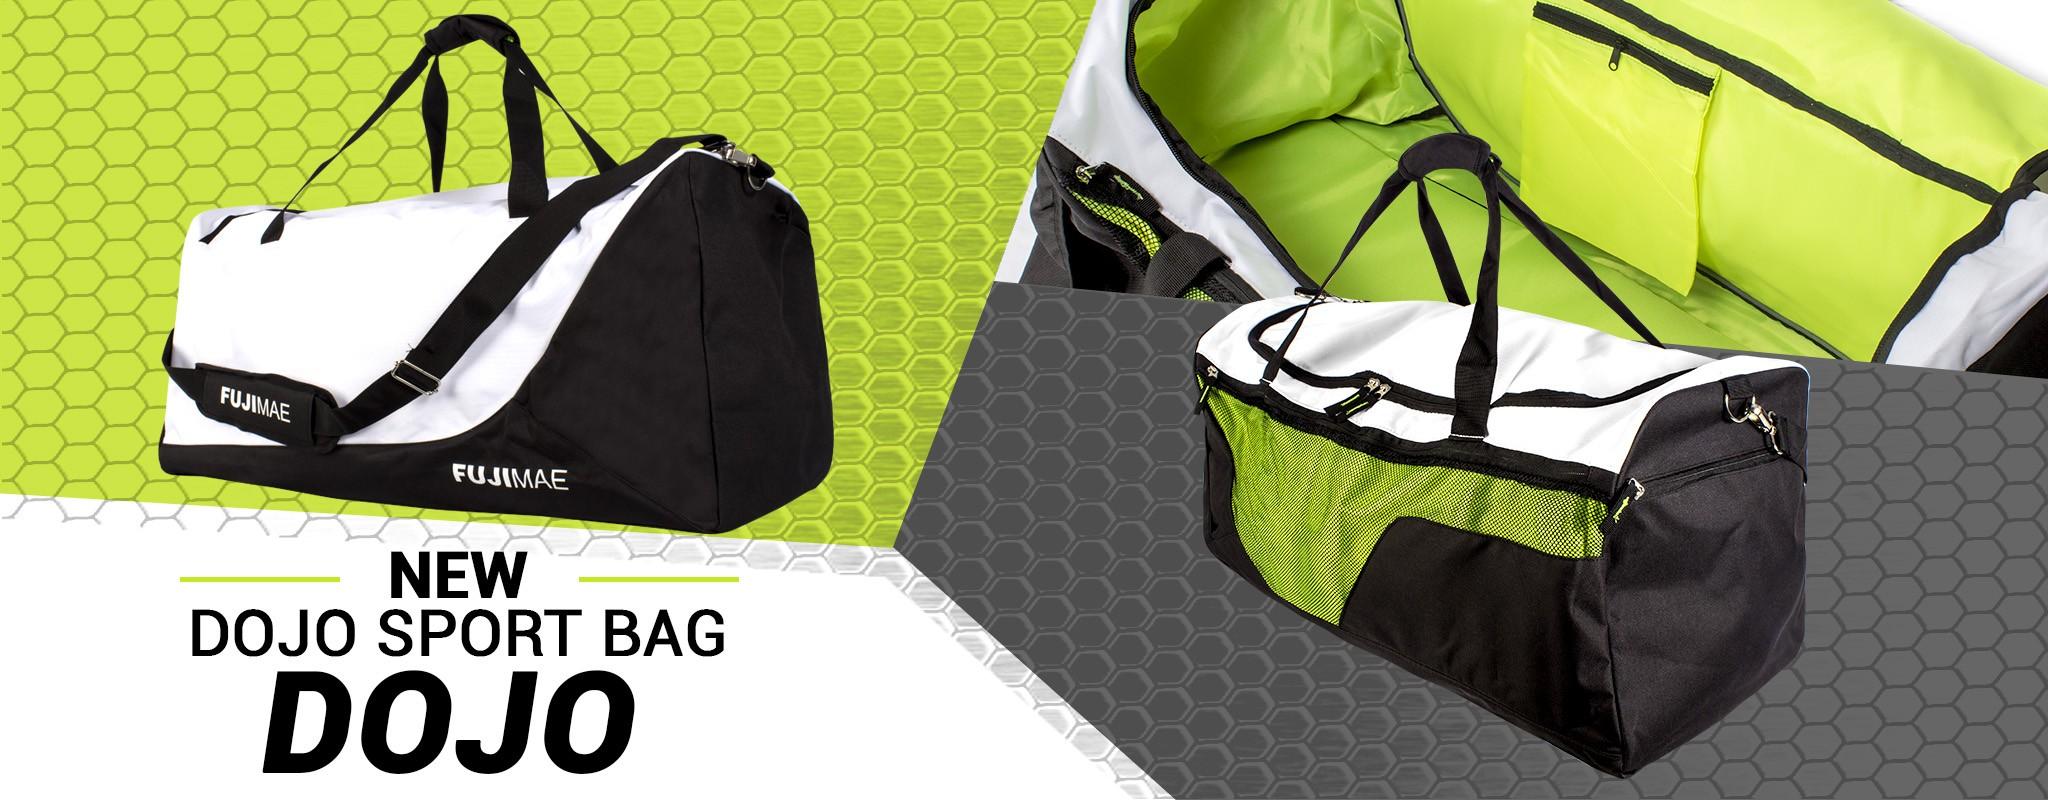 Dojo Sport Bag